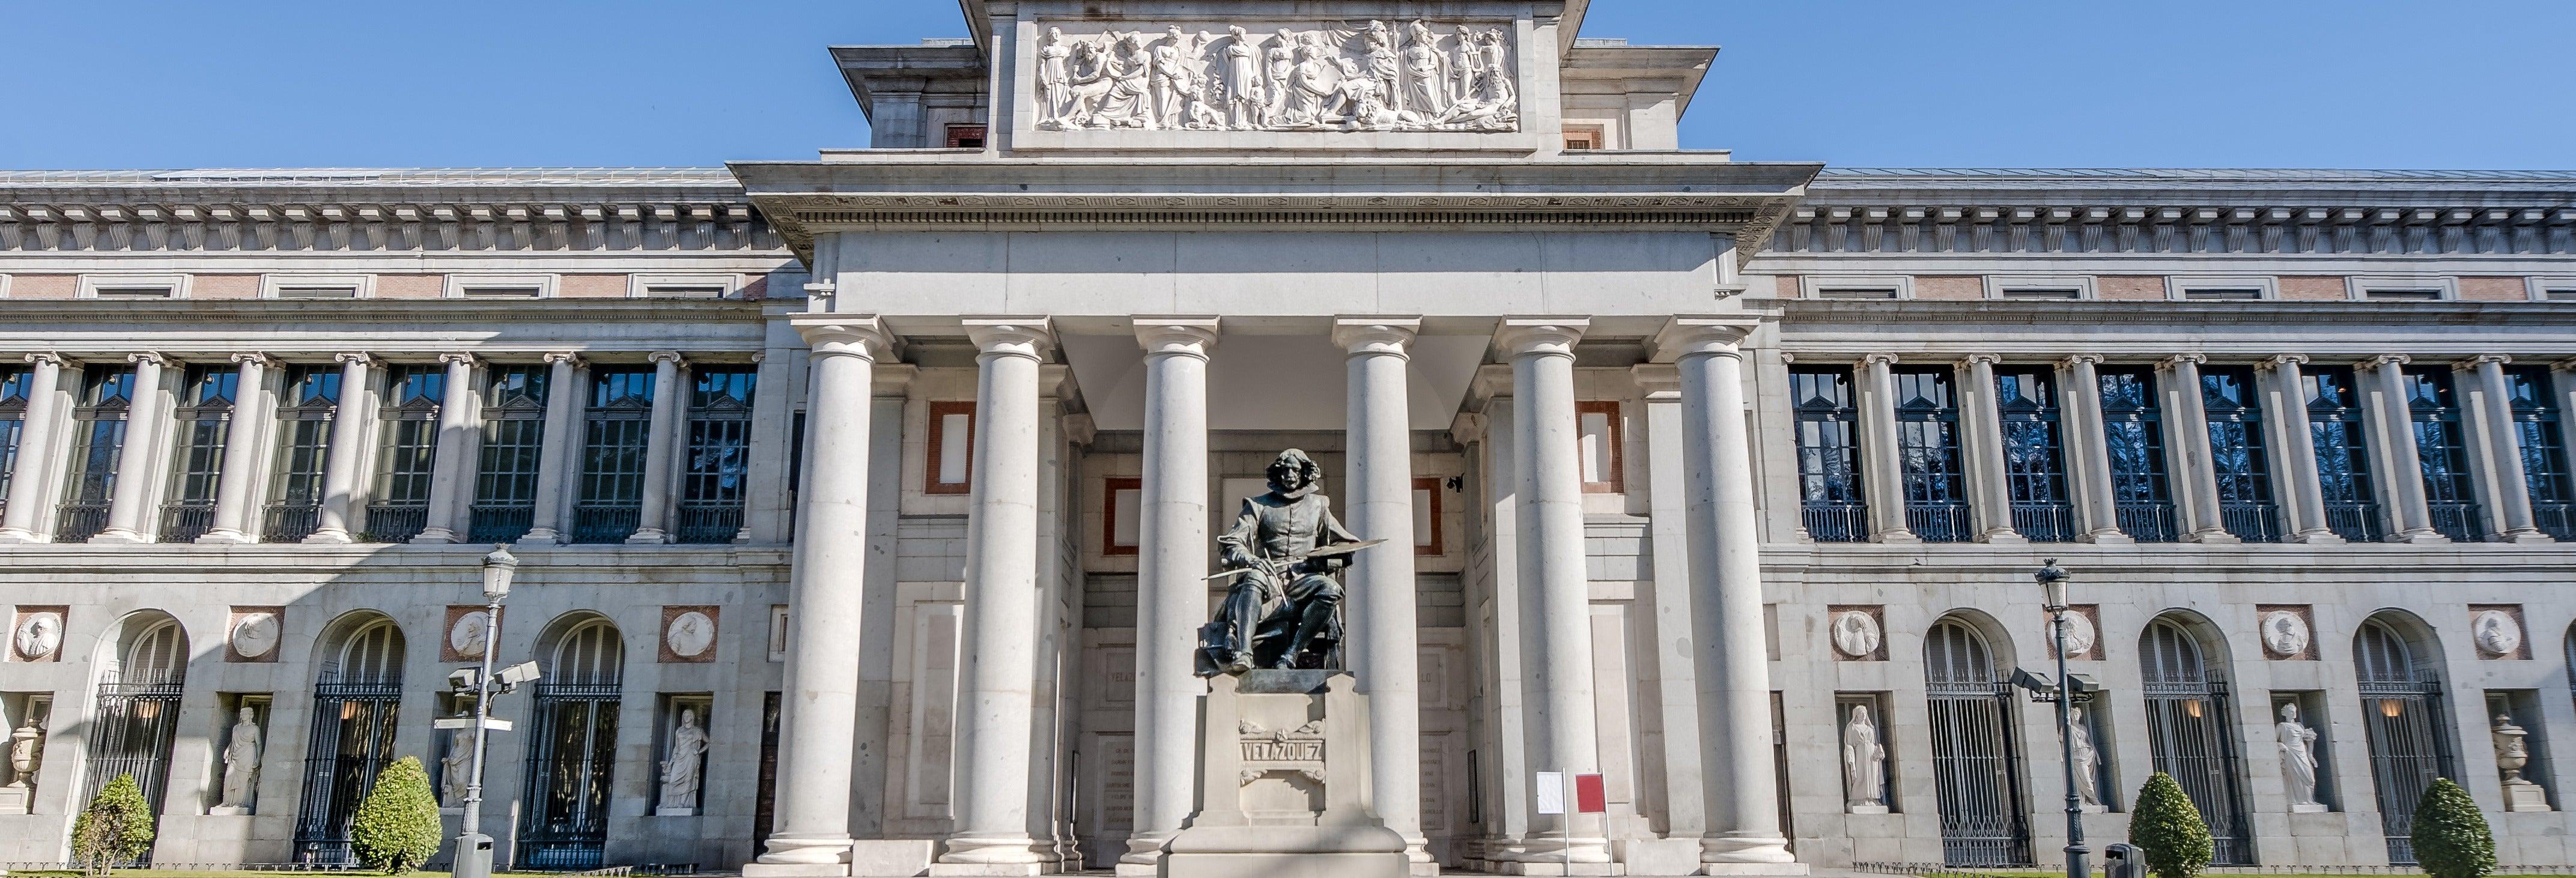 Visita guiada pelo Museu do Prado e Palácio Real